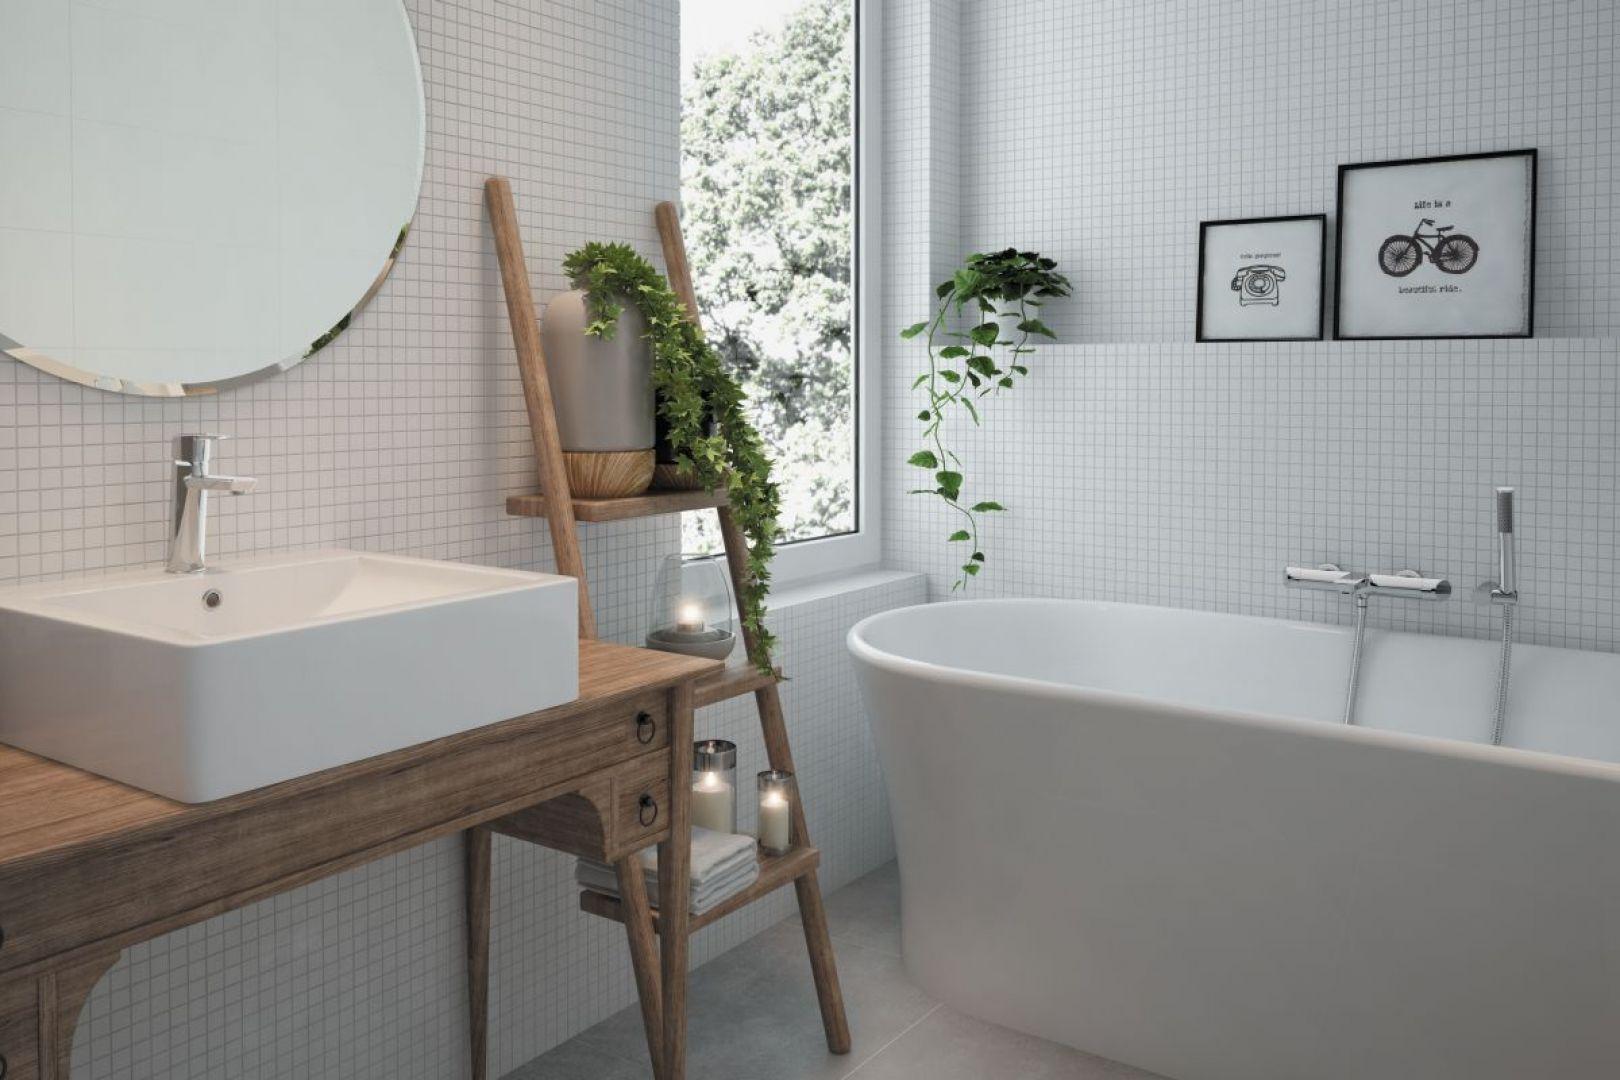 Aranżacja łazienki w stylu skandynawskim. Na zdjęciu kolekcja armatury Arnika marki Deante. Fot. Deante